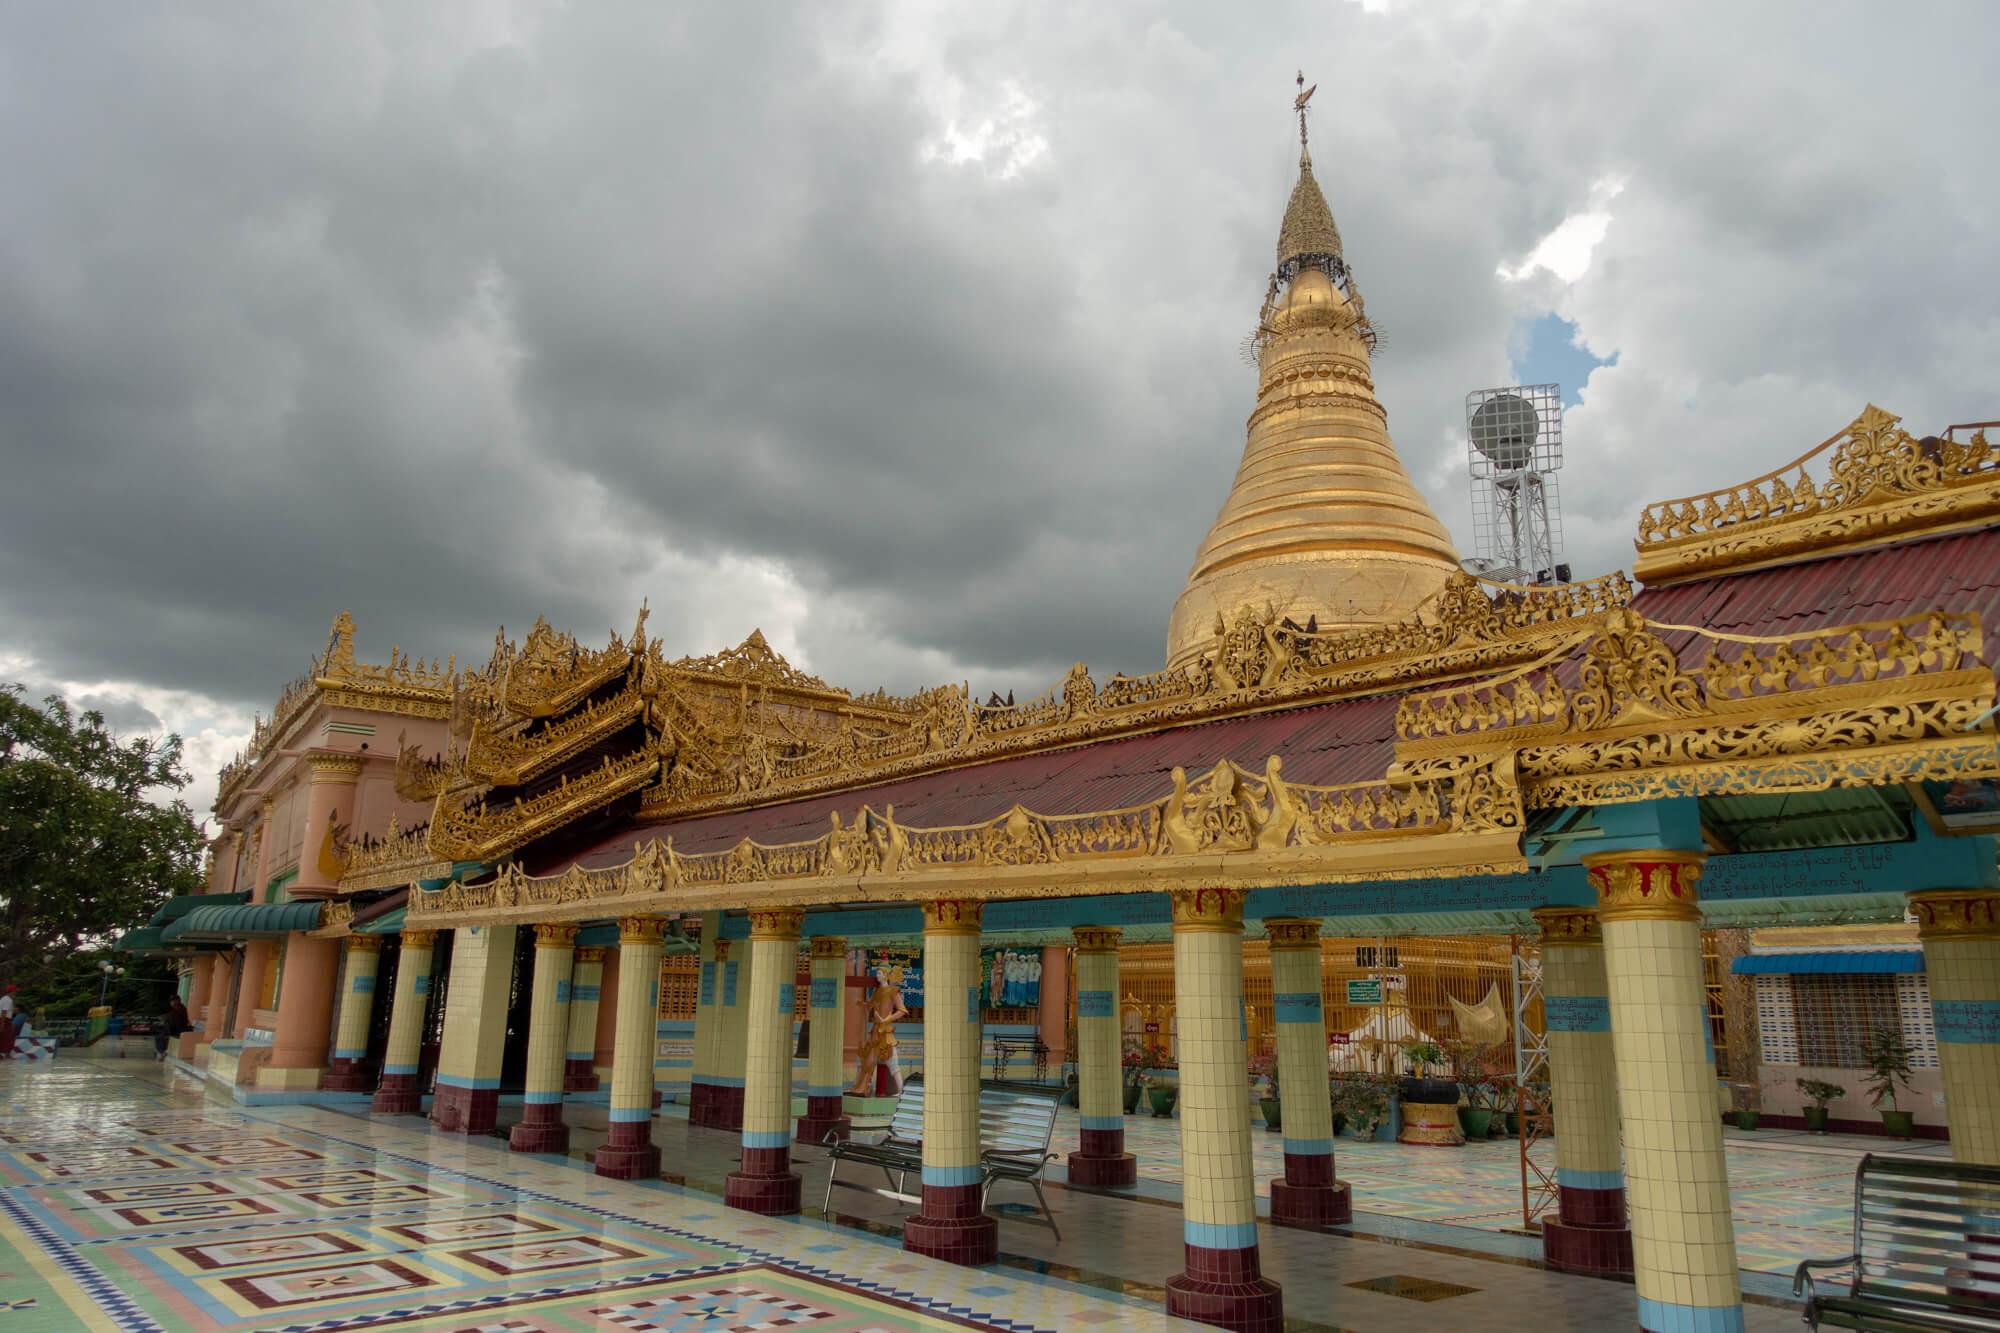 Extérieur de la pagode Soon U Ponya Shin Paya